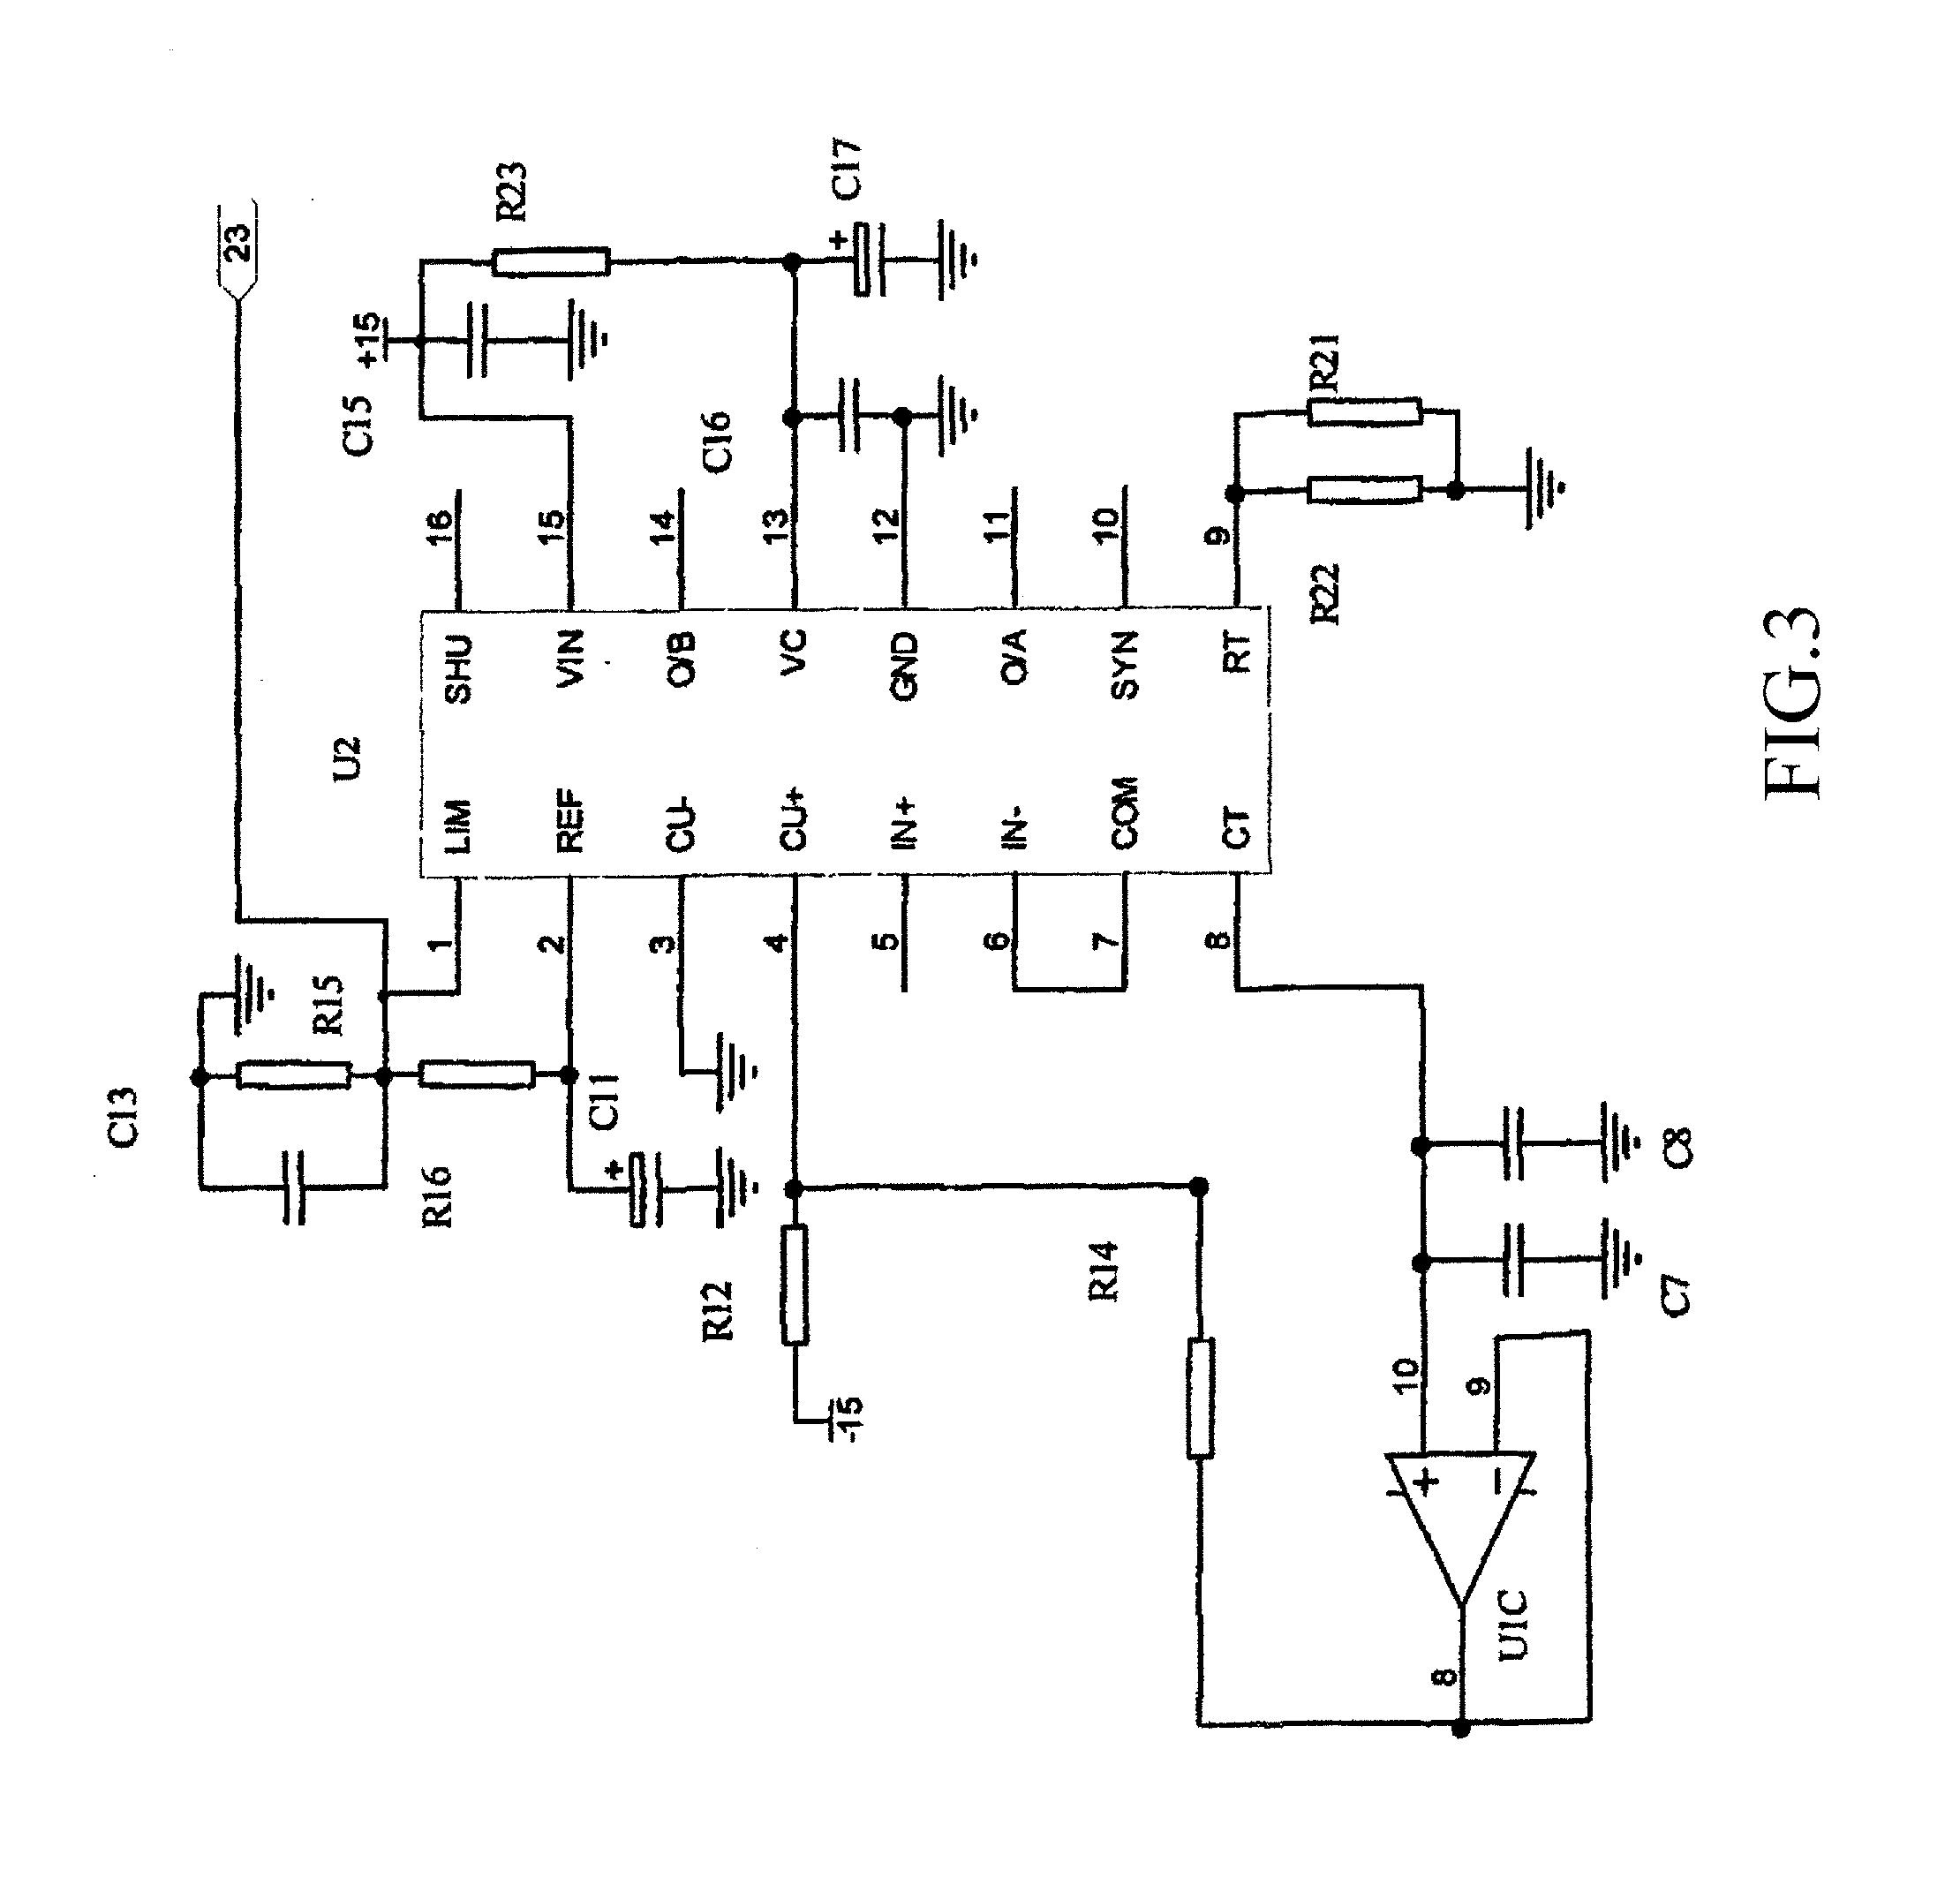 rectifier welding machine circuit diagram